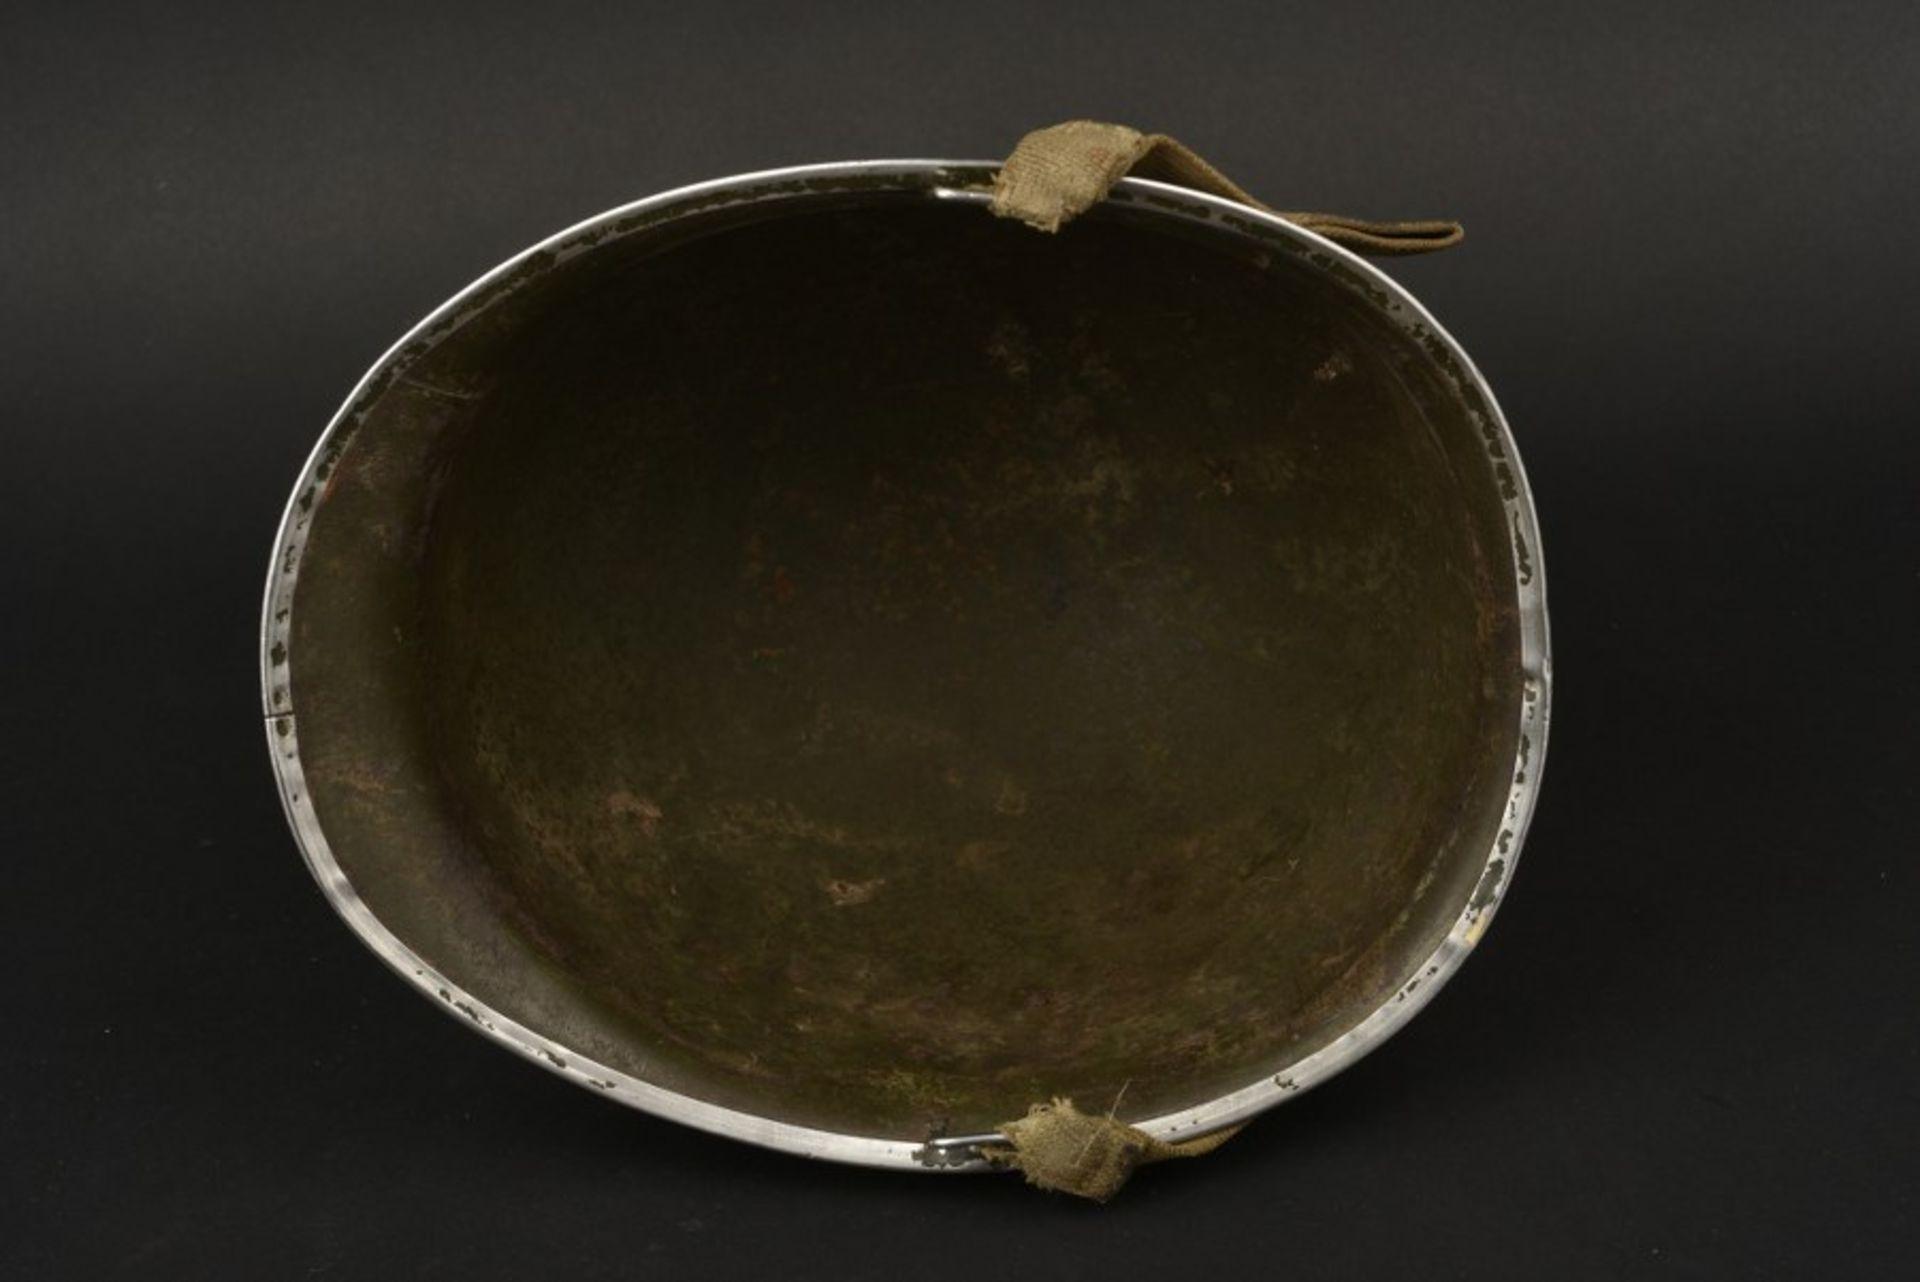 Coque de casque ESB. ESB helmet shellCoque de casque USM1, fermeture du jonc à l'avant, numéro de - Bild 4 aus 4